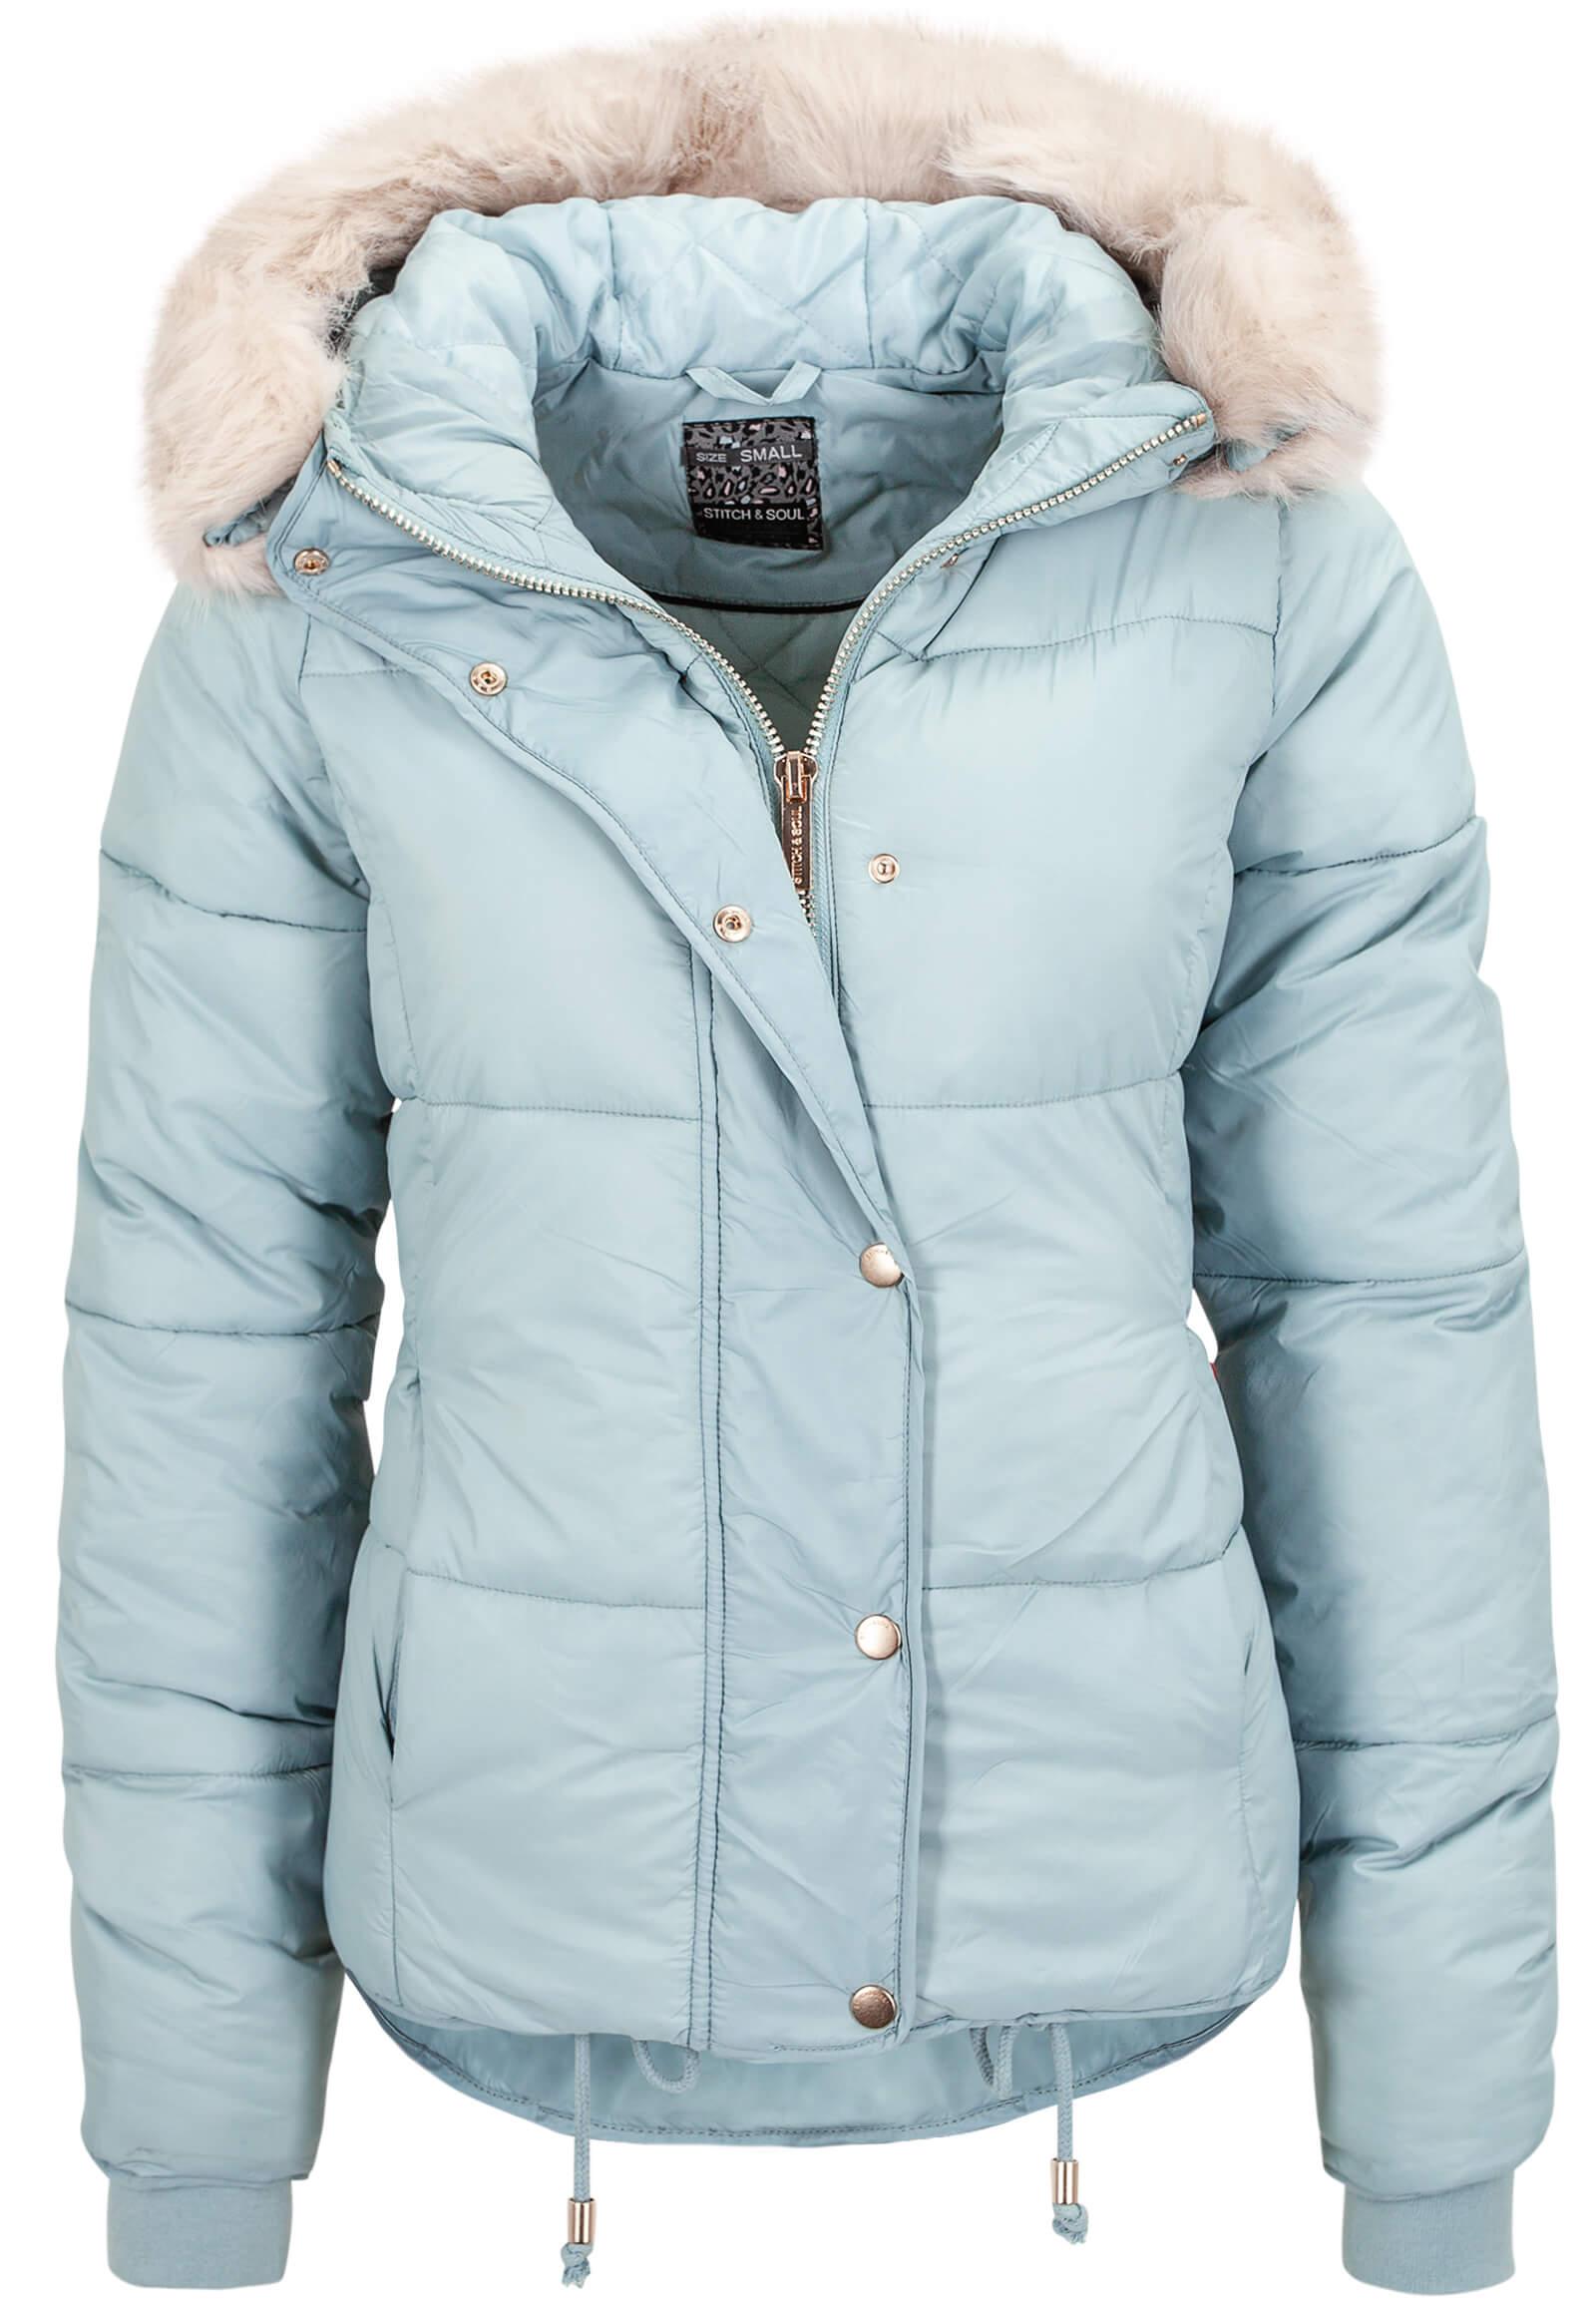 Hellblaue Damen Jacke mit Fellkapuze